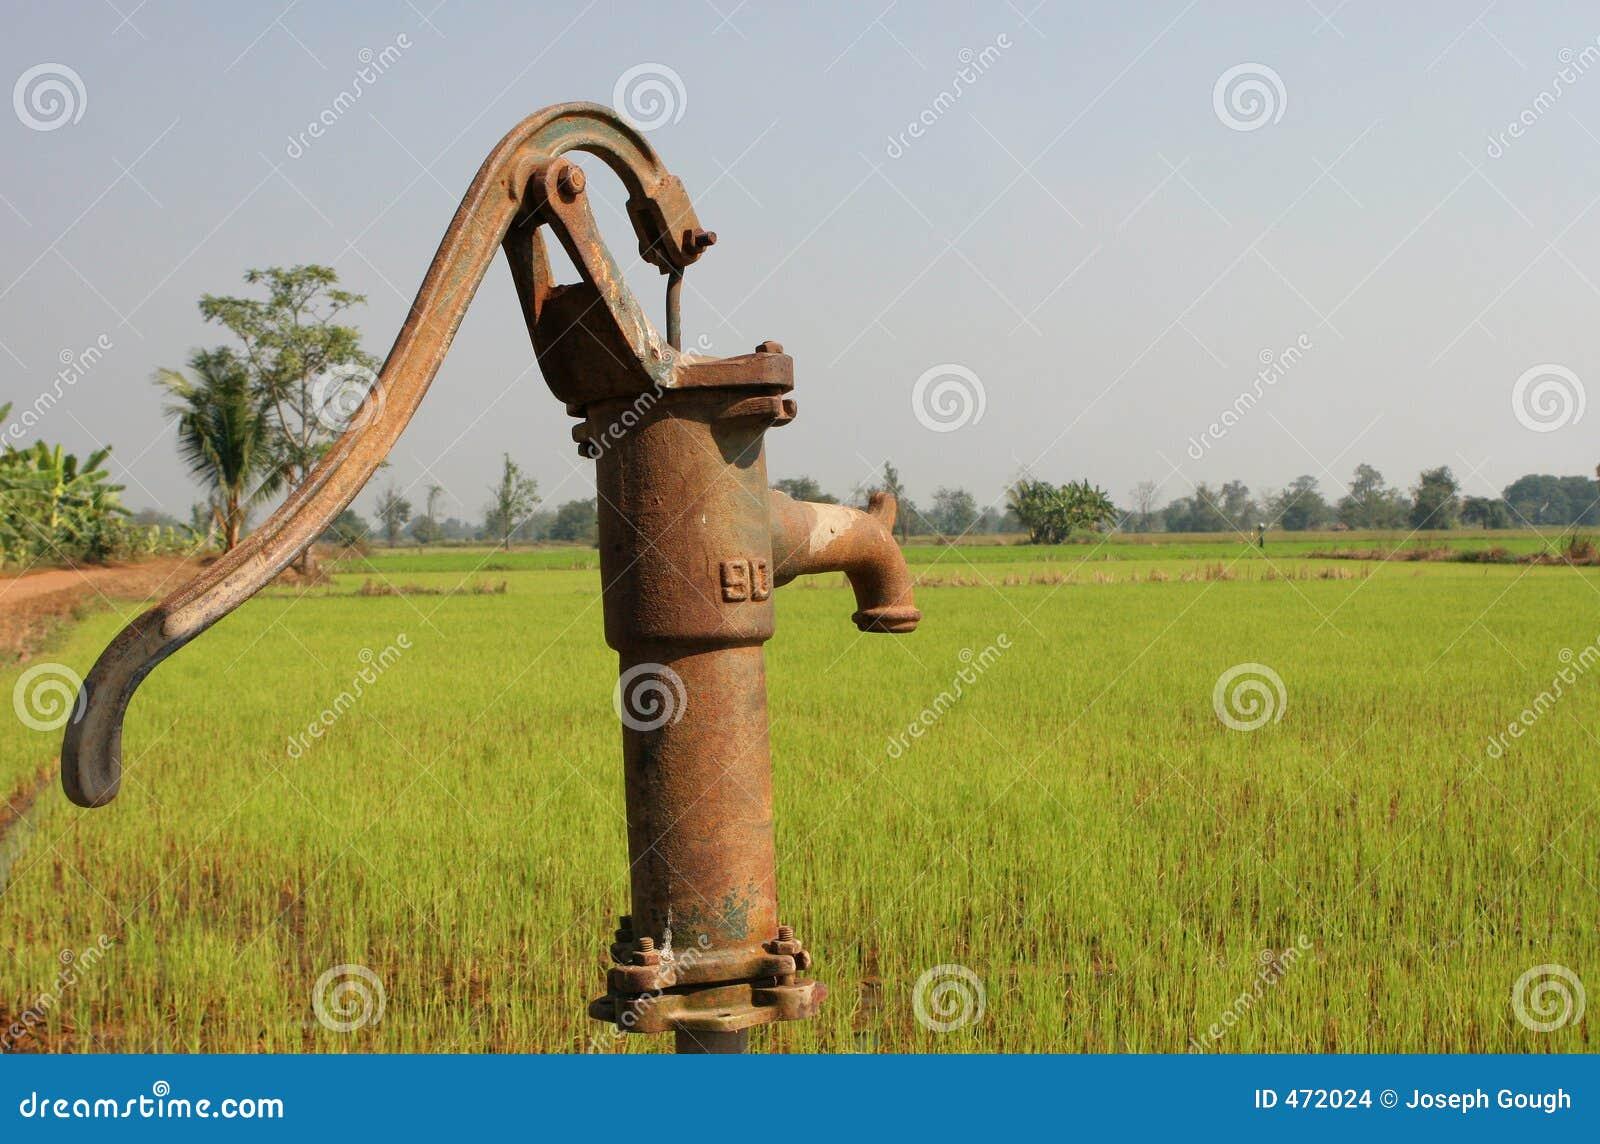 Manual Irrigation Pump Photos